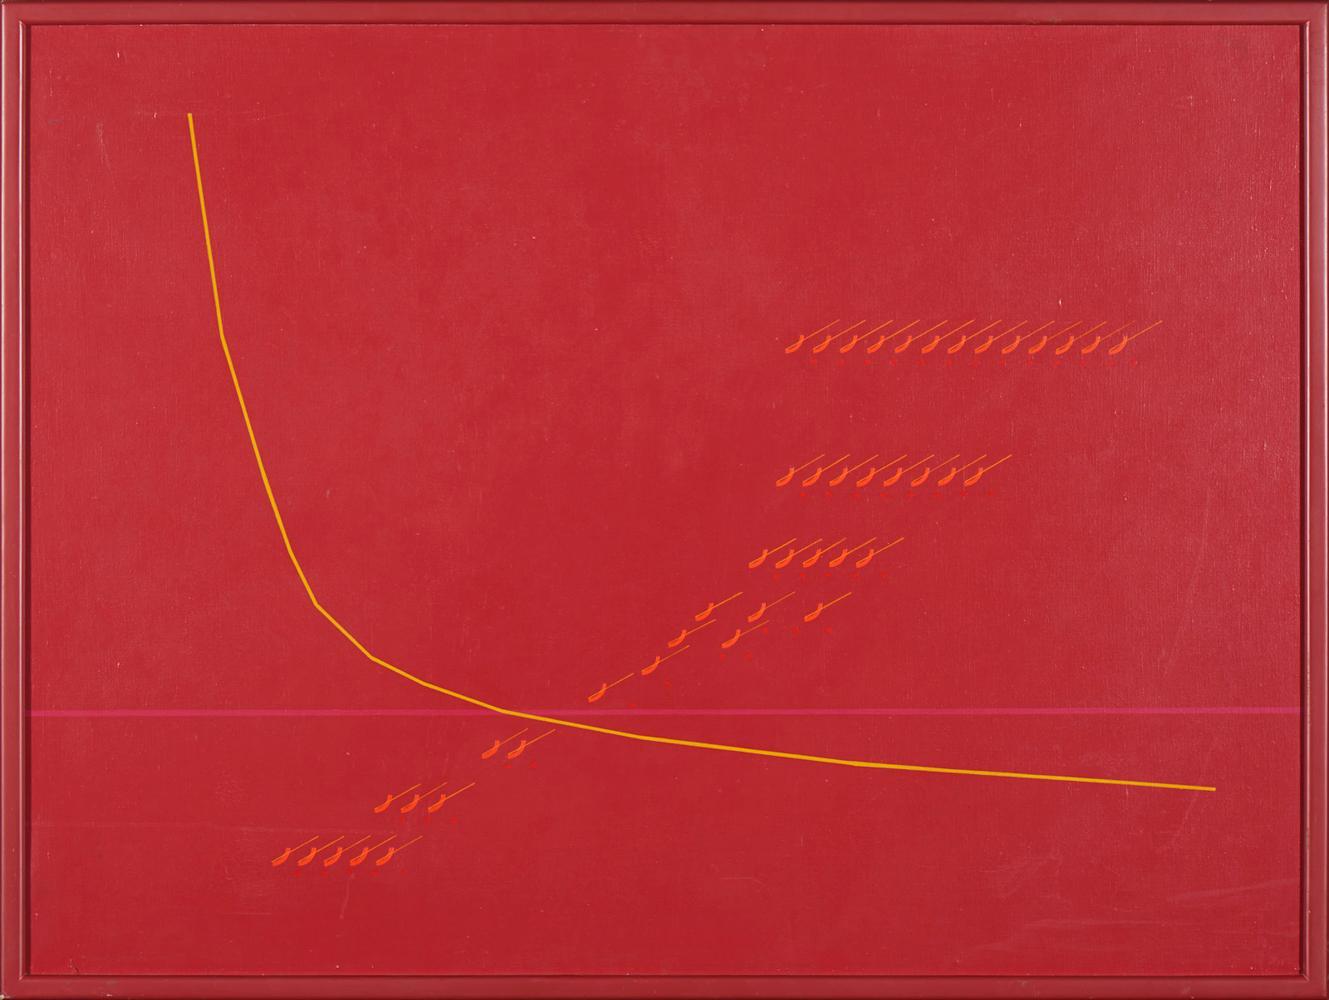 JORGE PINHEIRO, Óleo s/ tela, 90 x 120 cm.